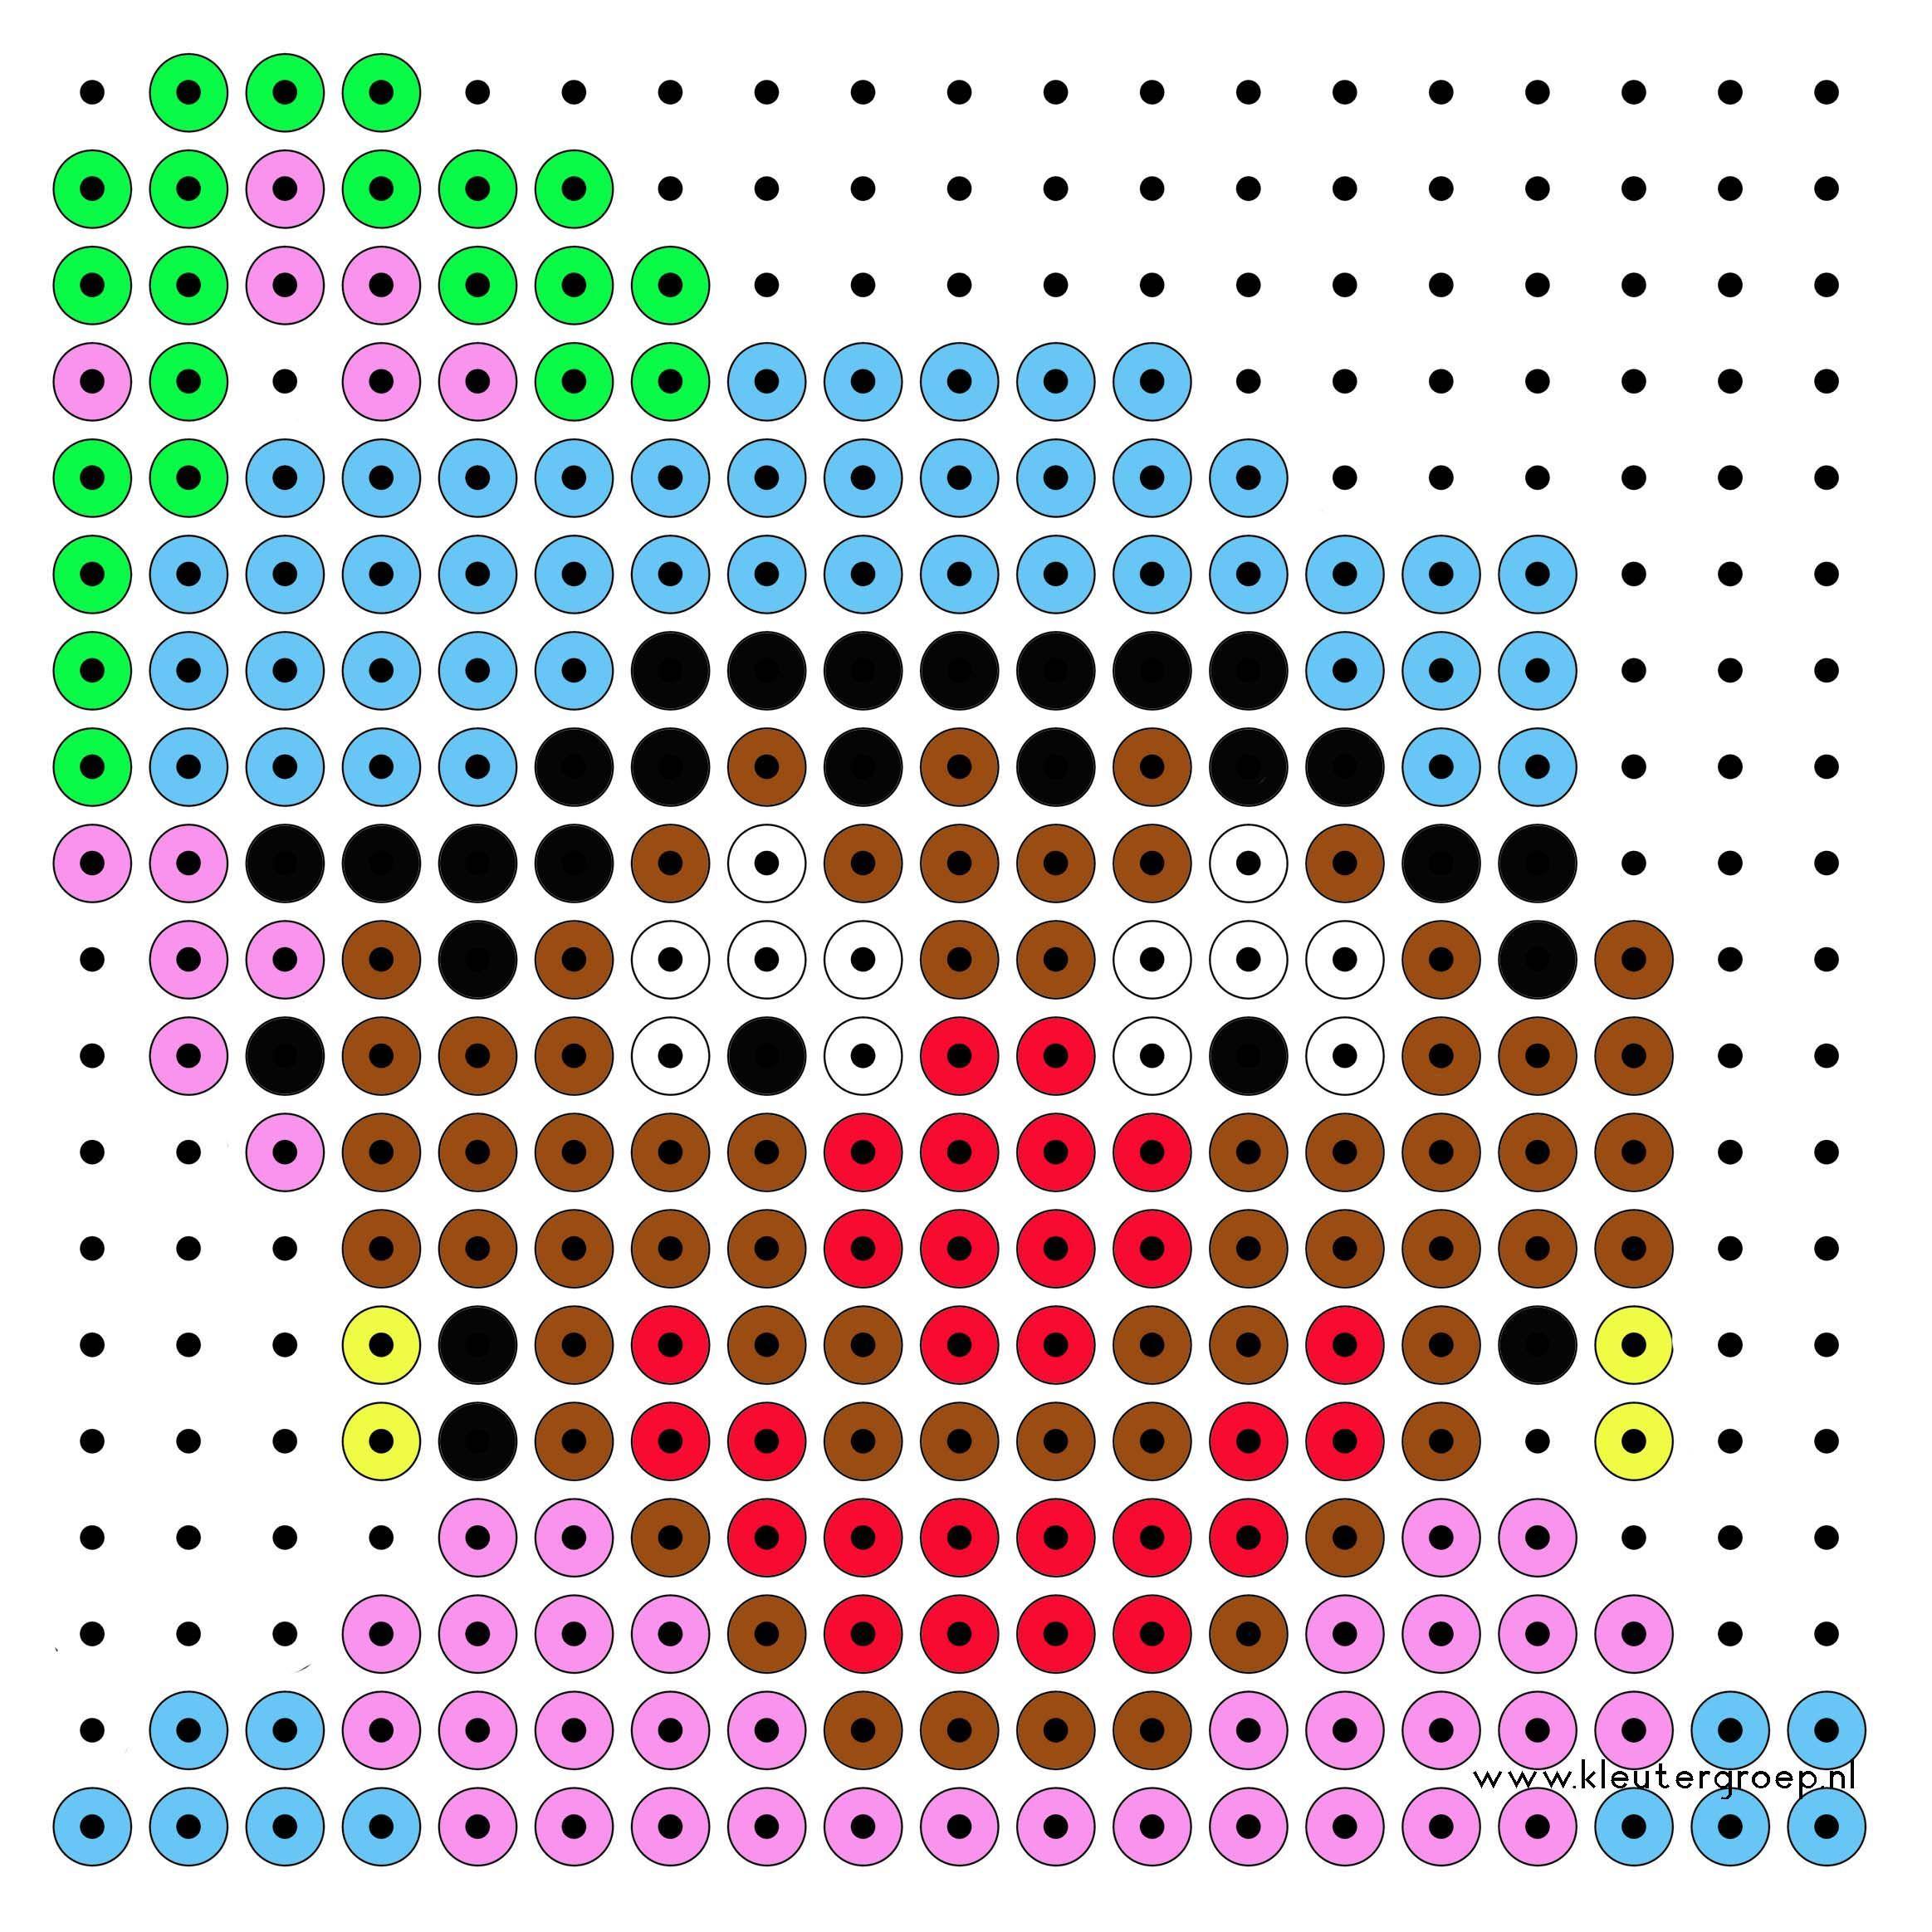 piet.jpg 2.327×2.327 pixels